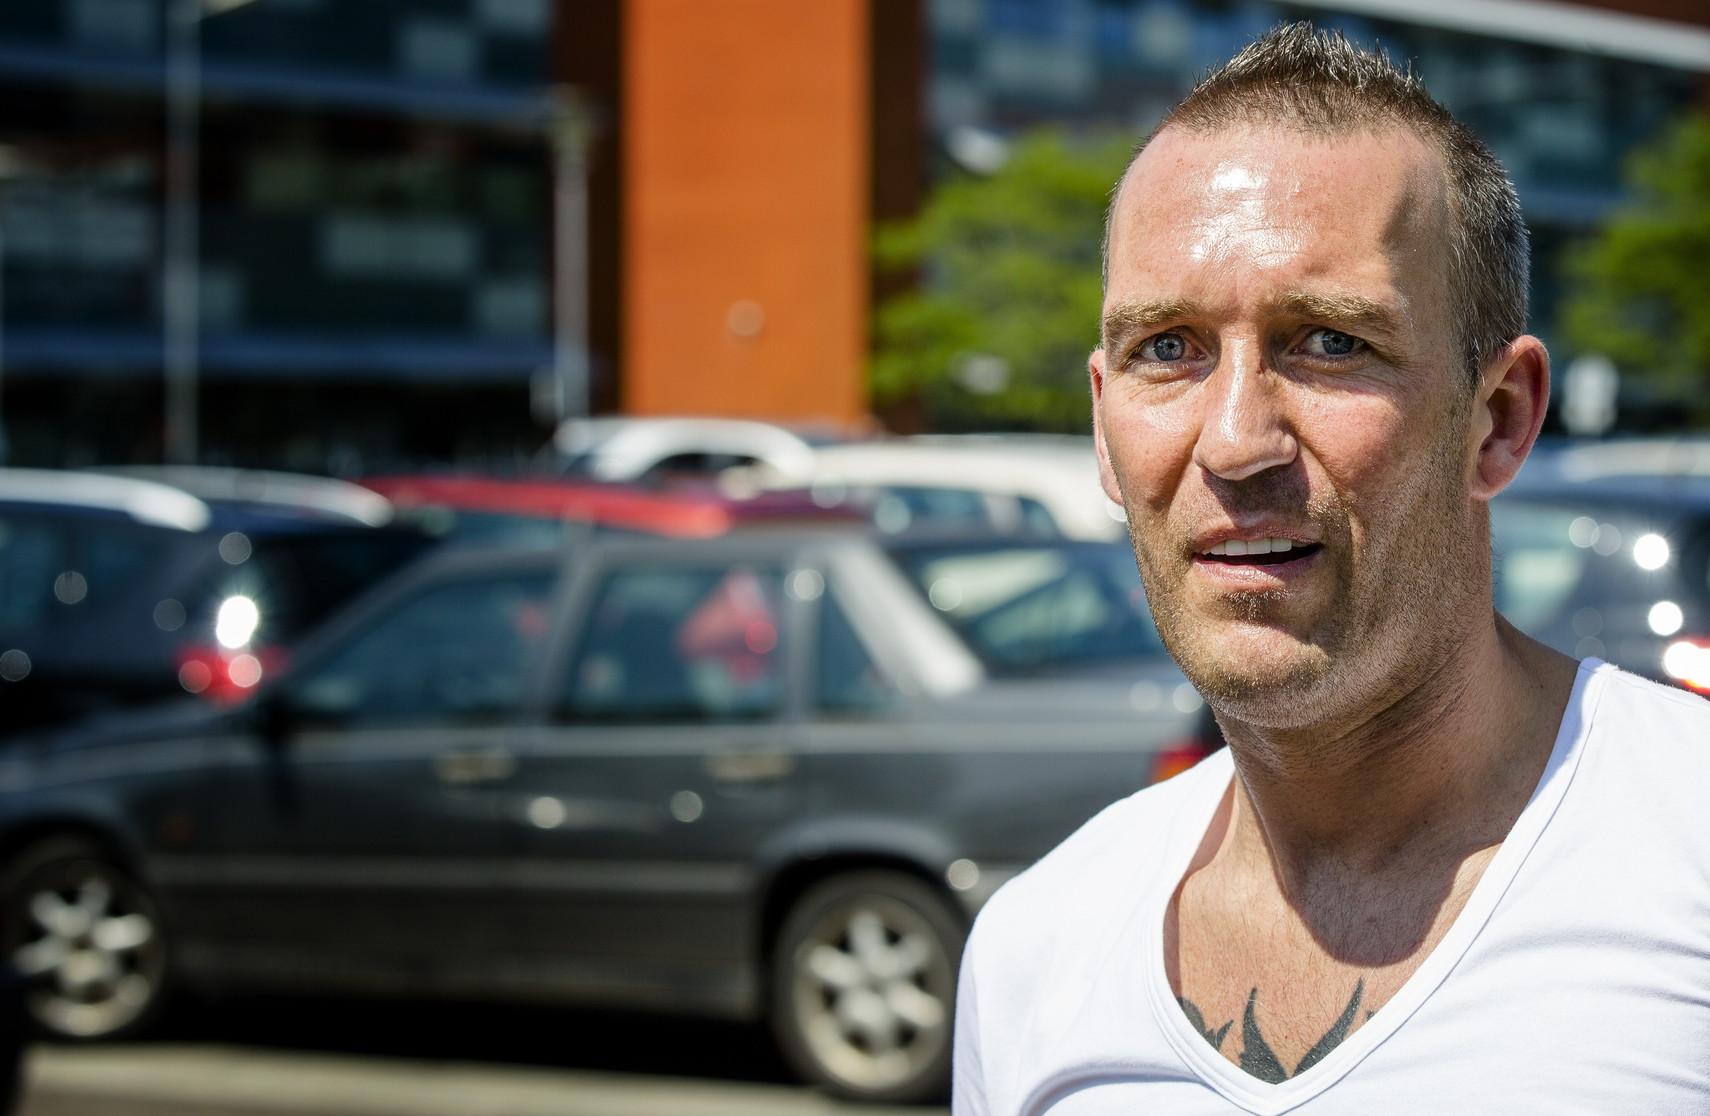 18 settembre: Fernando Rickes, ex calciatore (43 anni)